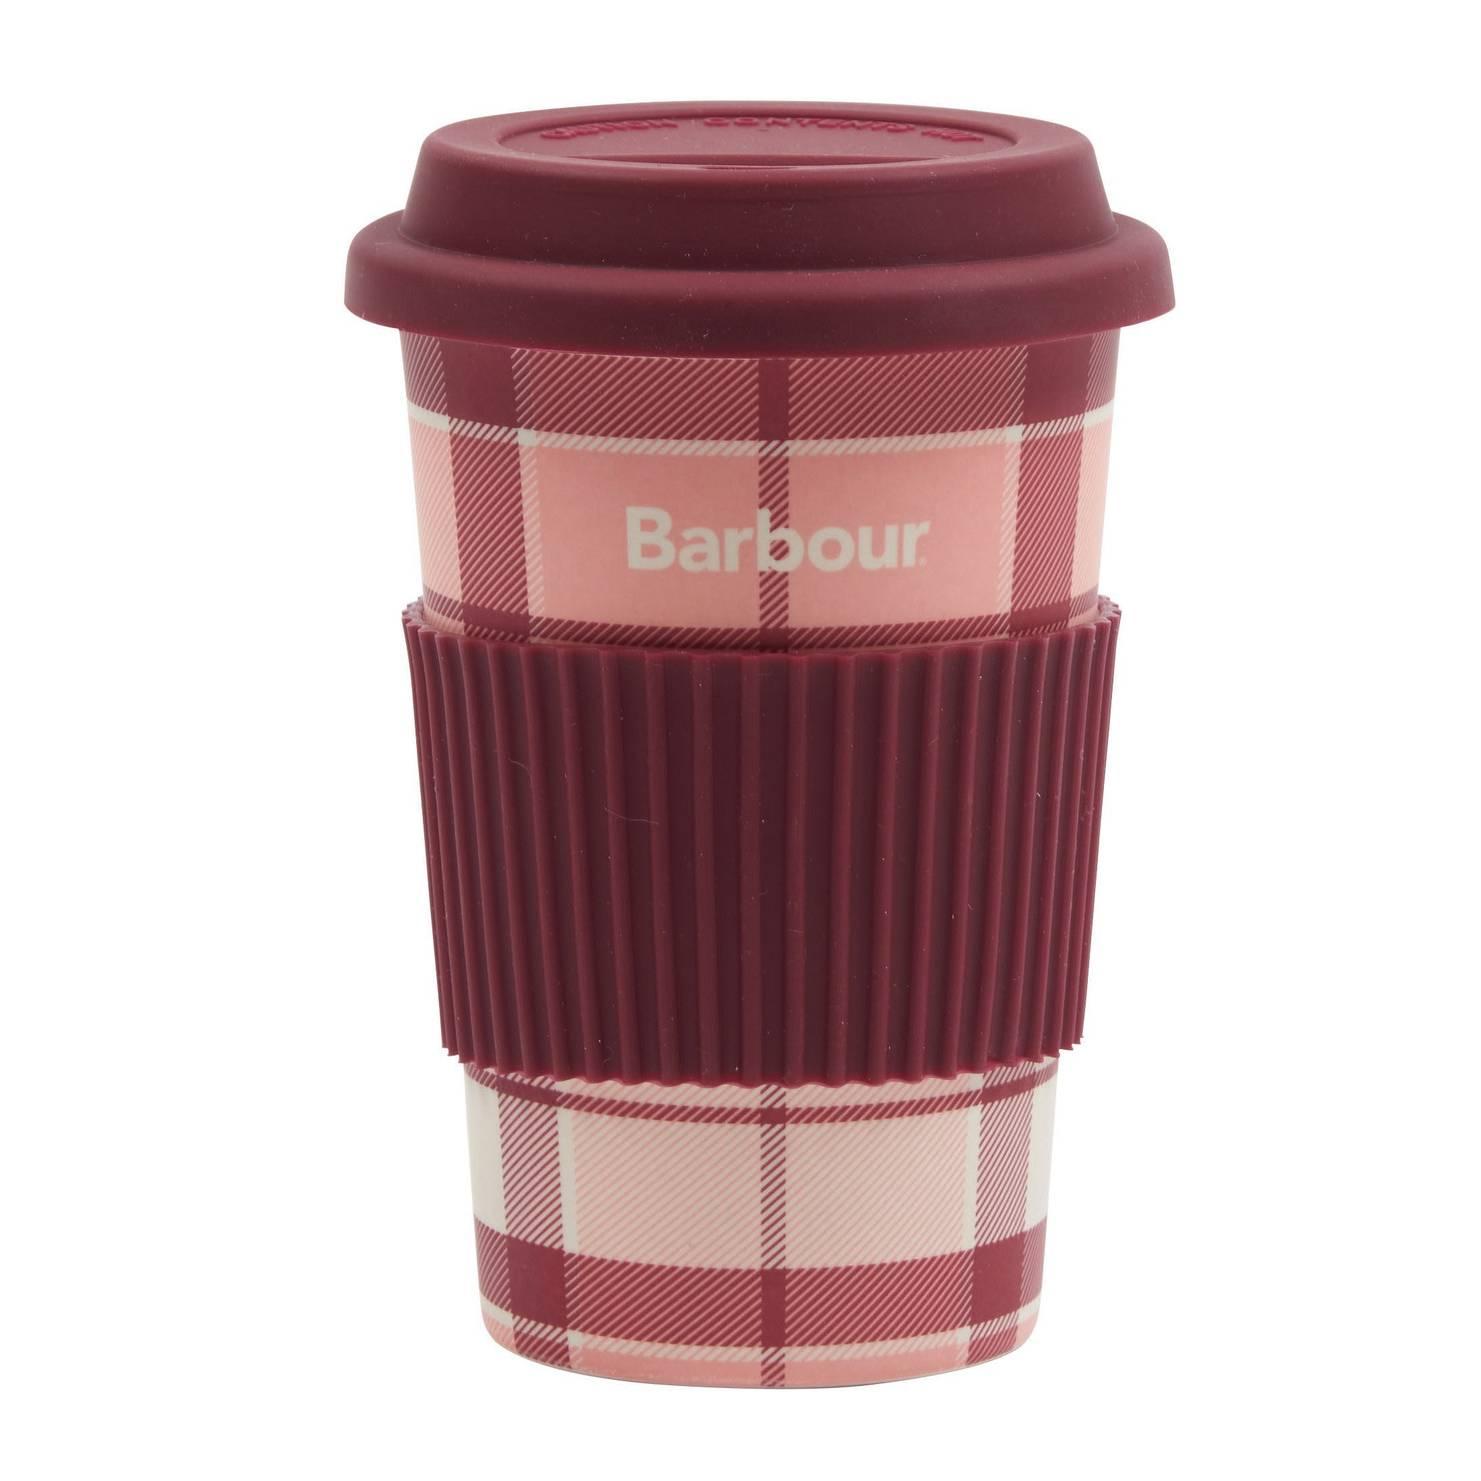 Barbour Tartan Travel Mug - Pink/Red